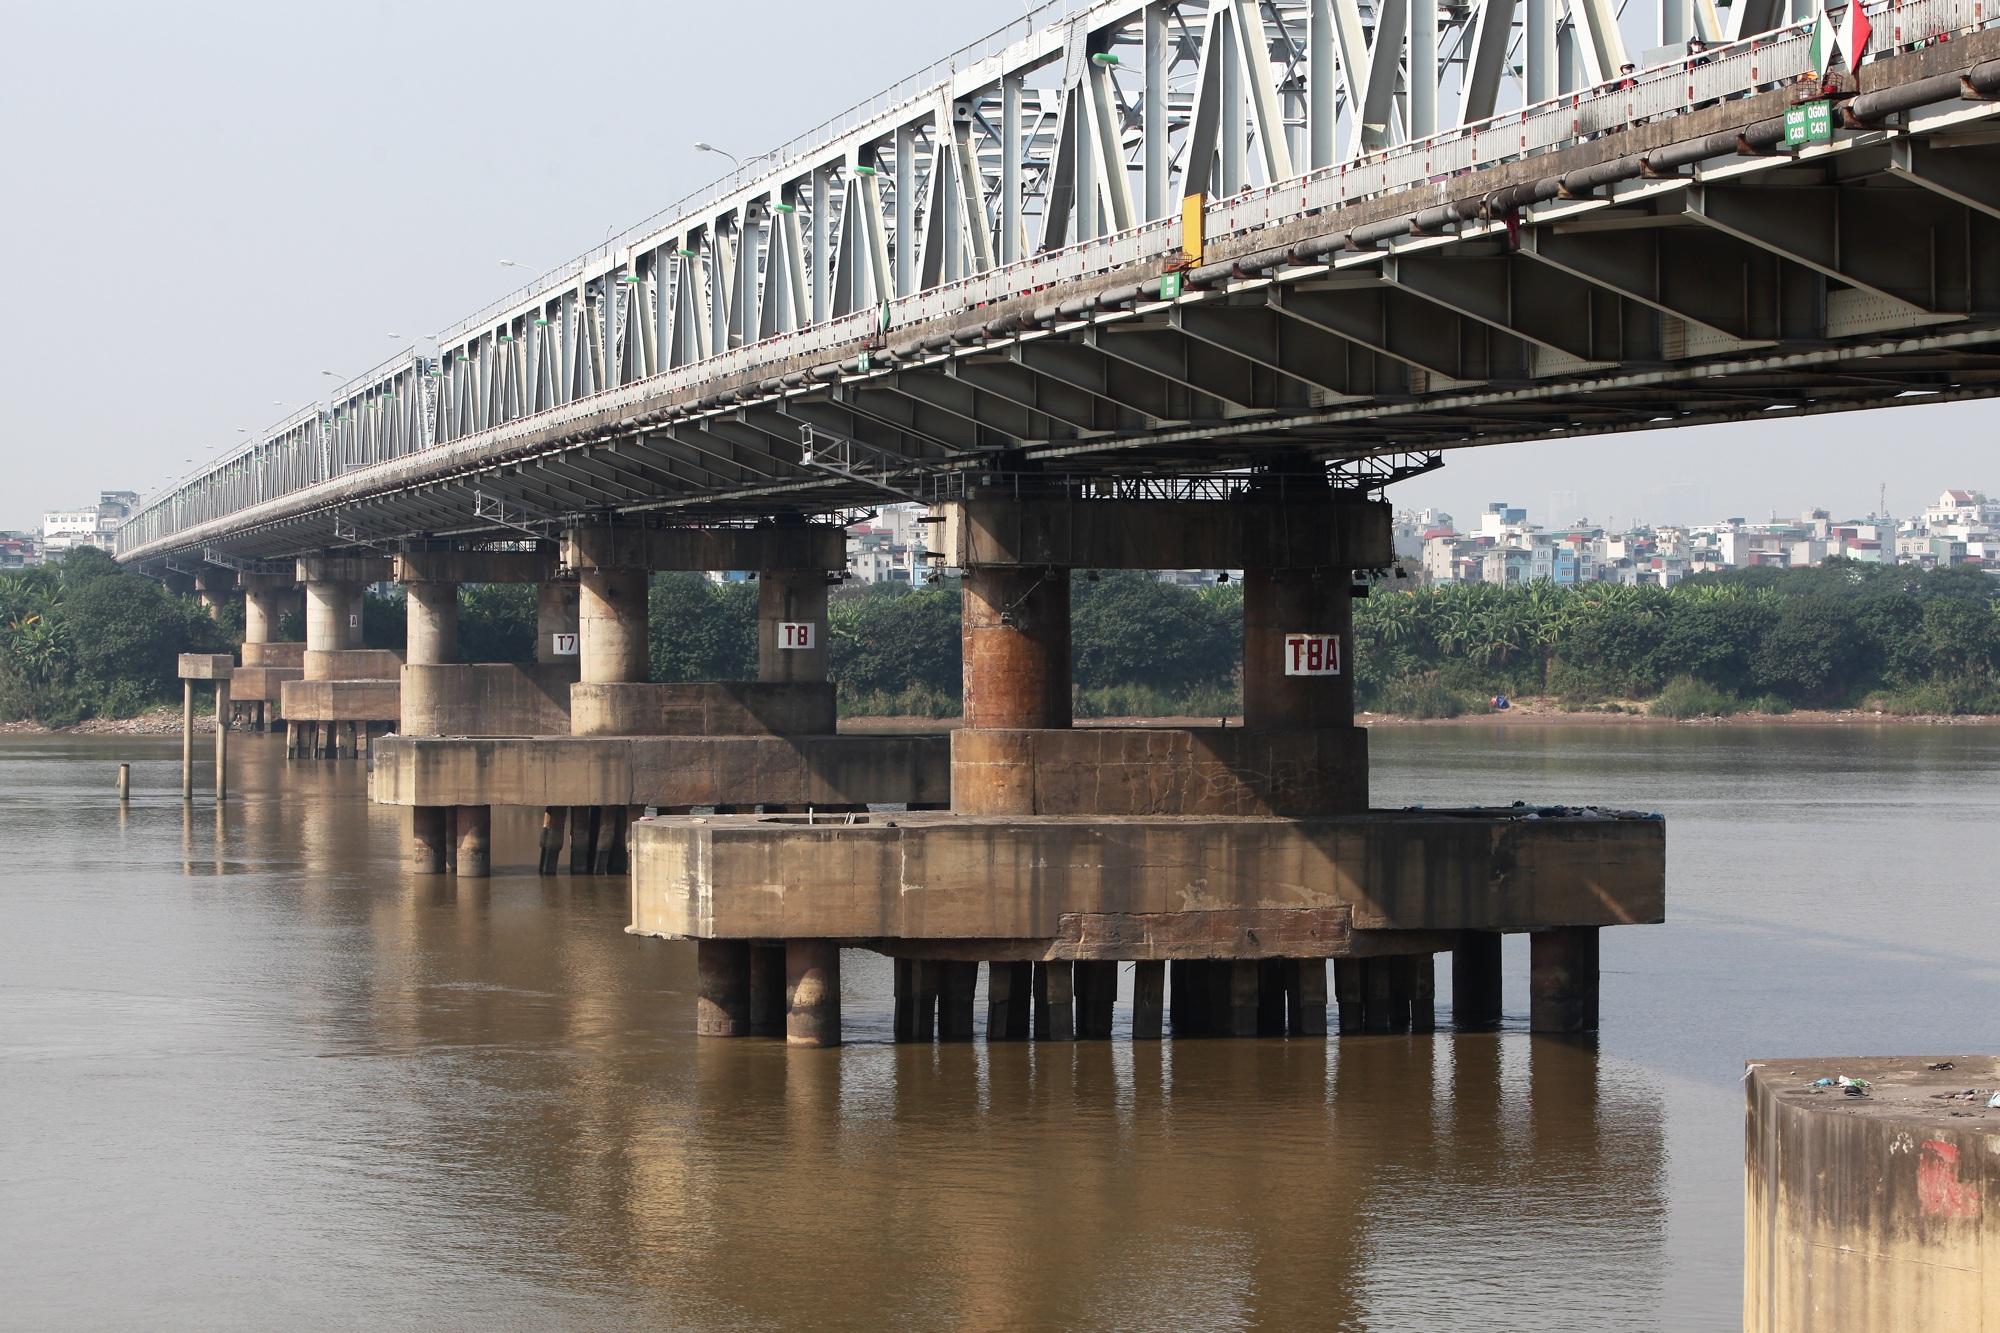 Toàn cảnh 6 cây cầu huyết mạch bắc qua sông Hồng - 7